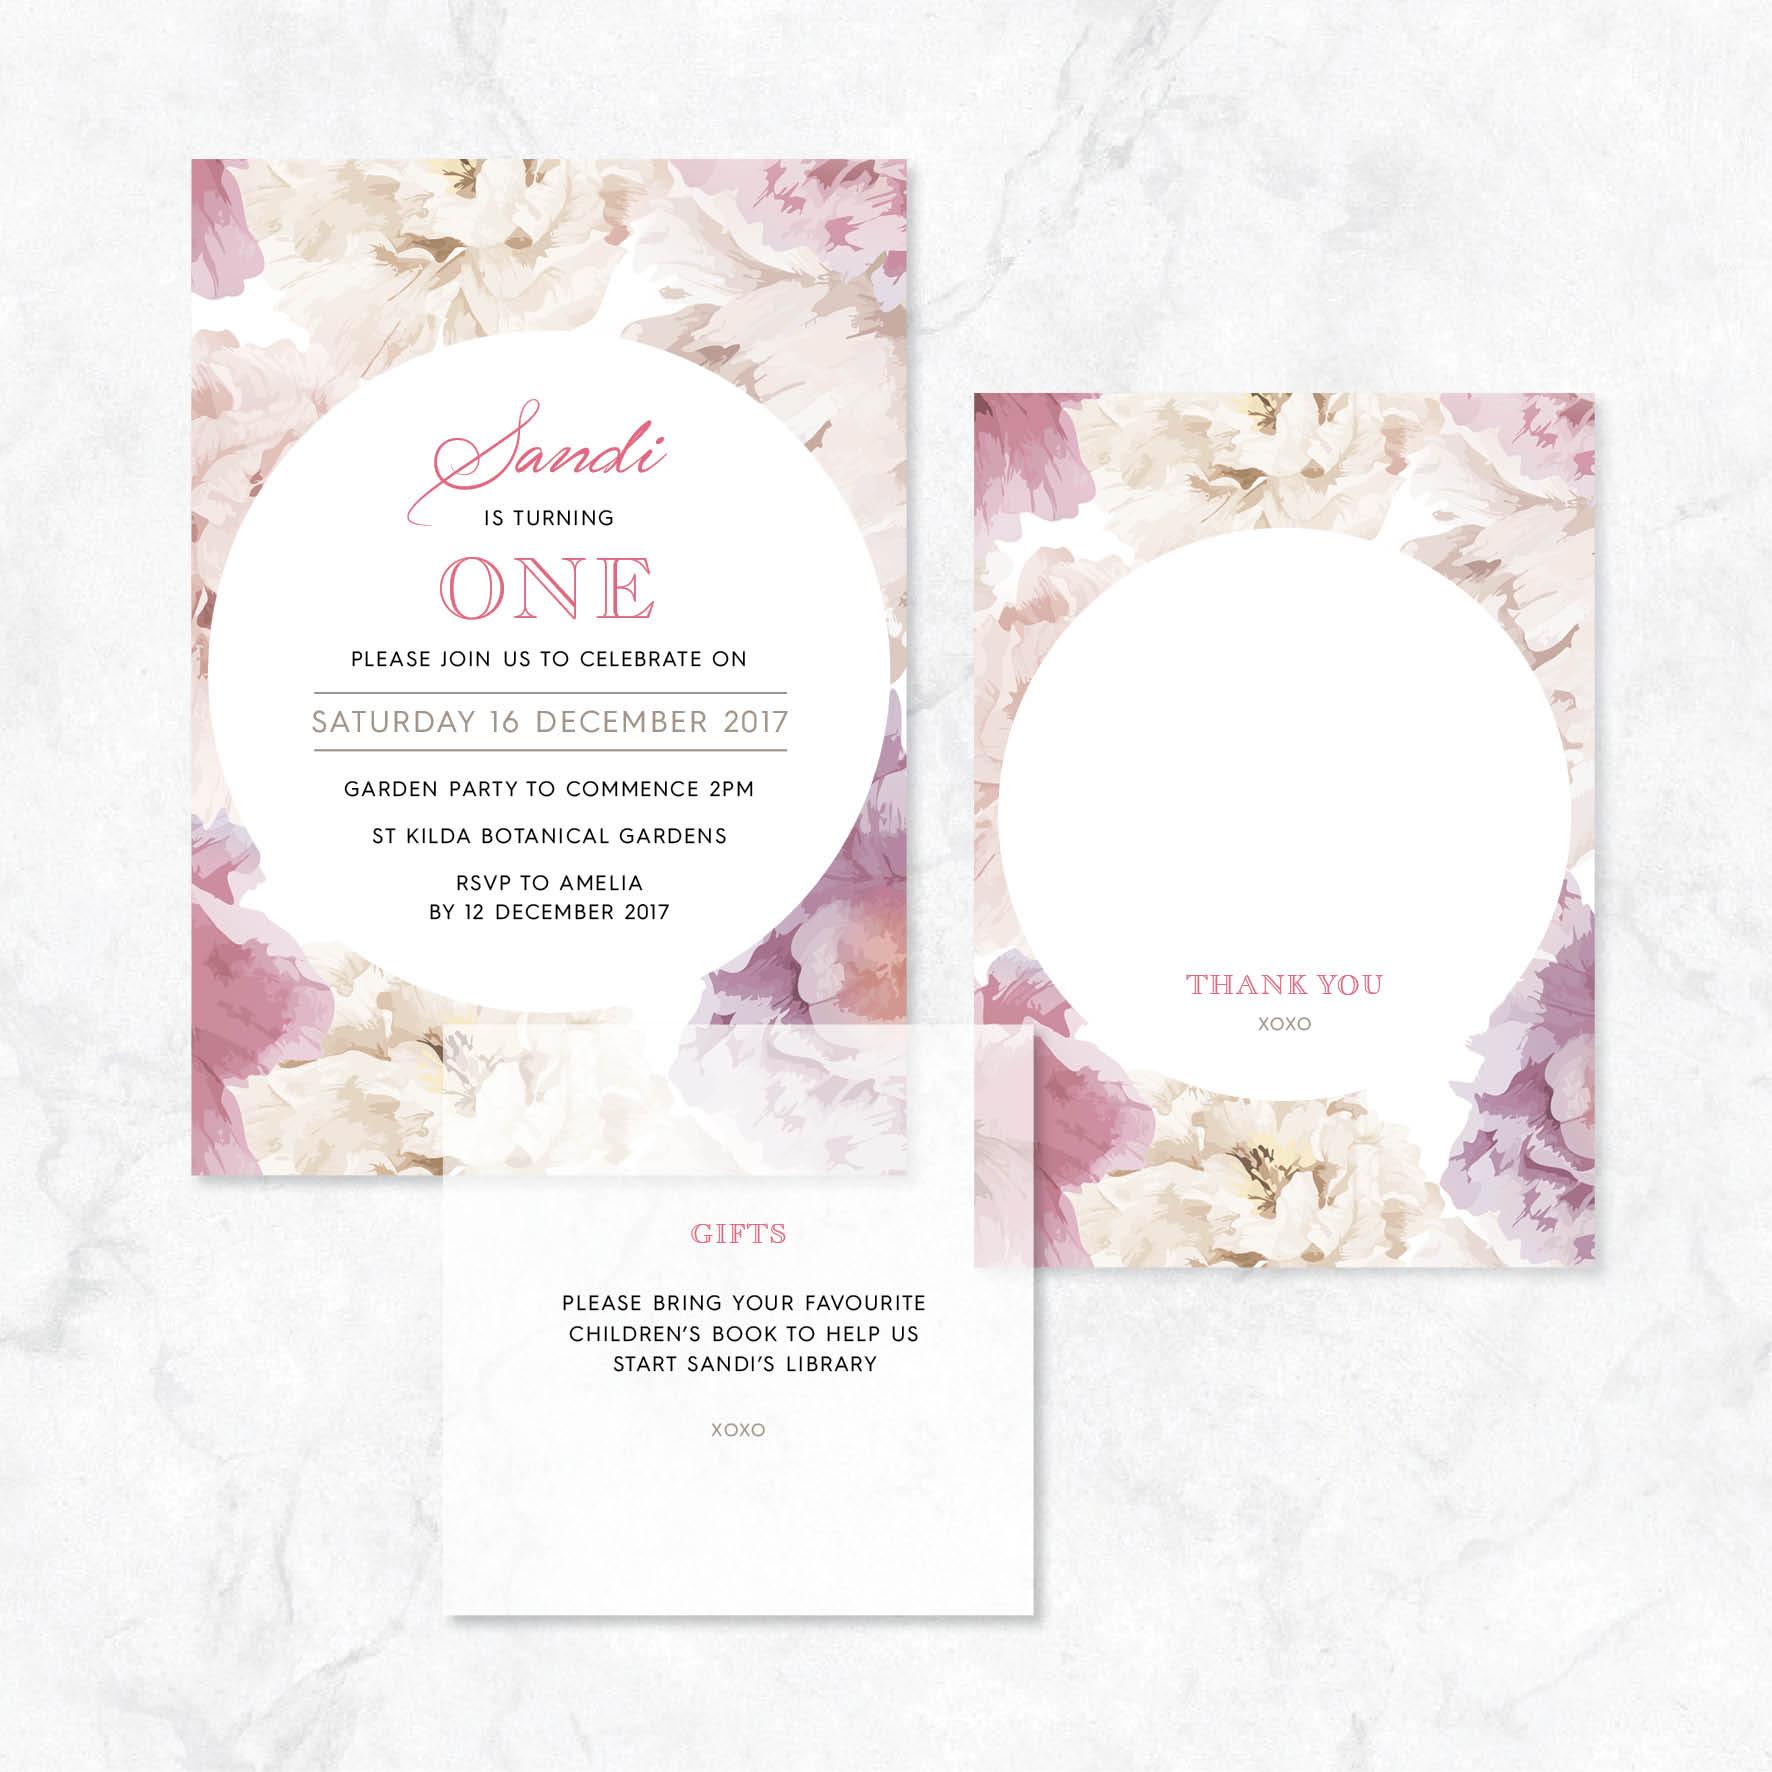 Belle Loves Paper Invitations6.jpg